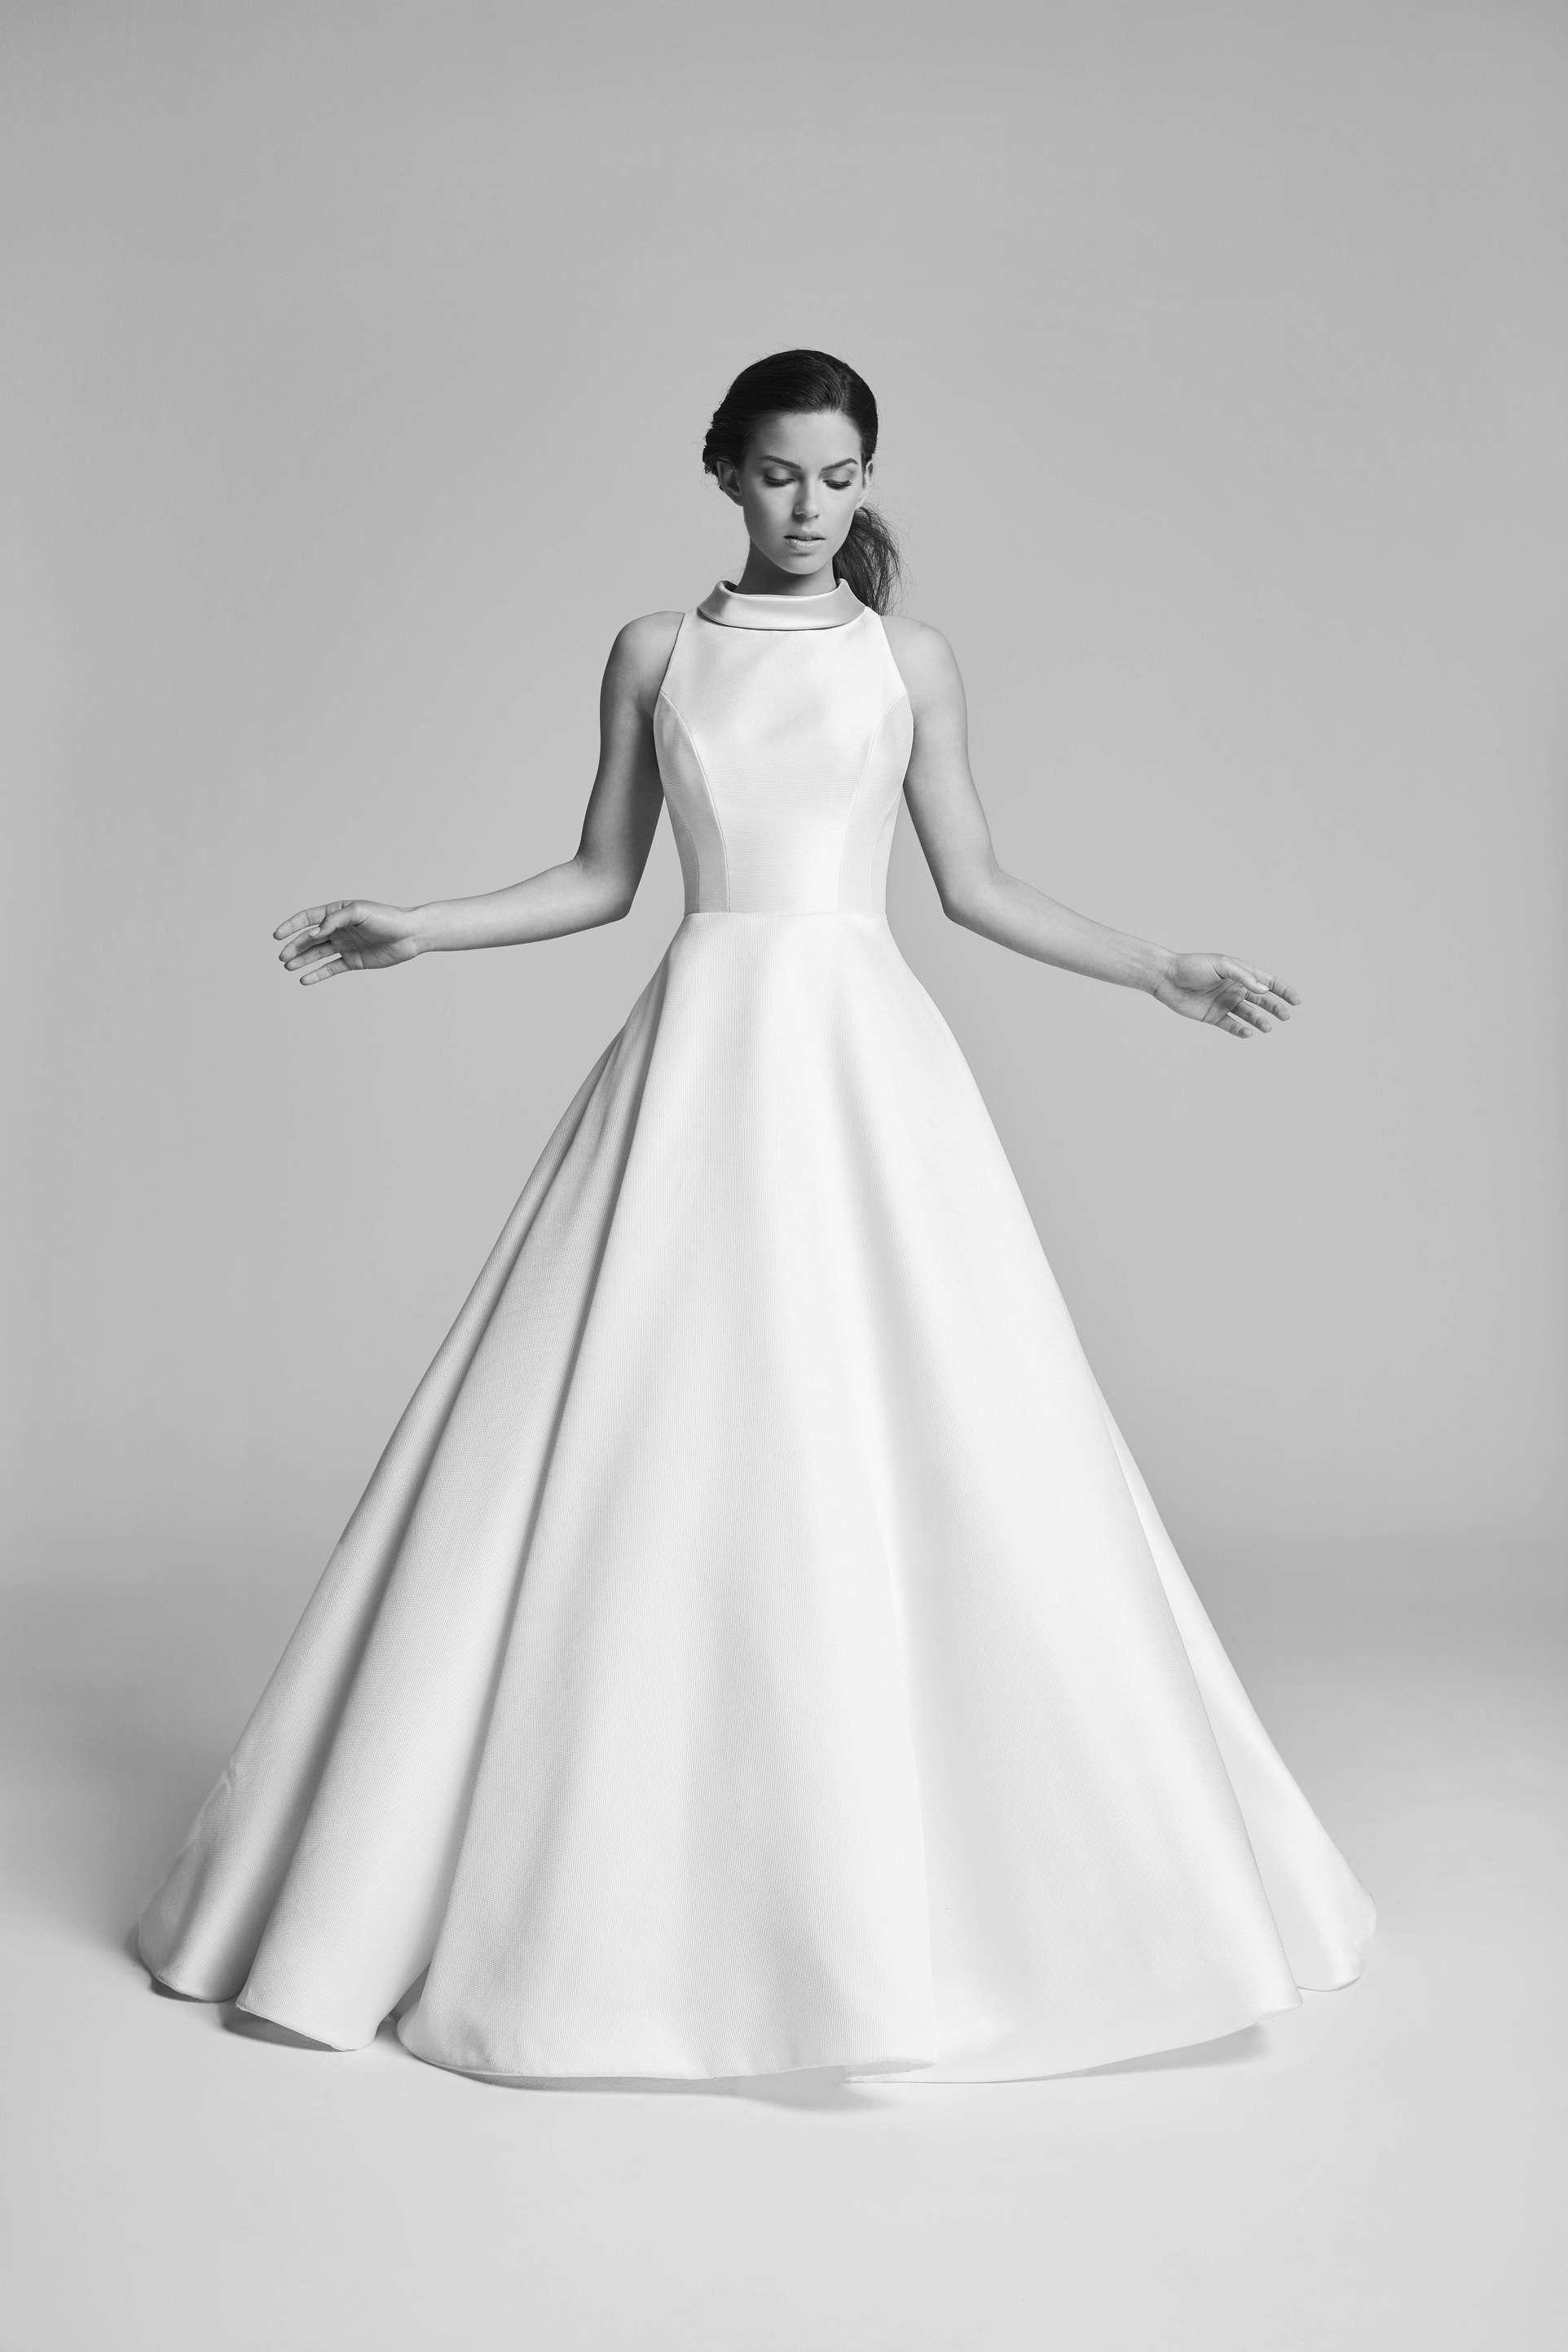 fa52468d3f Suzanne Neville wedding dresses in Paris - Metal Flaque Bridal Shop